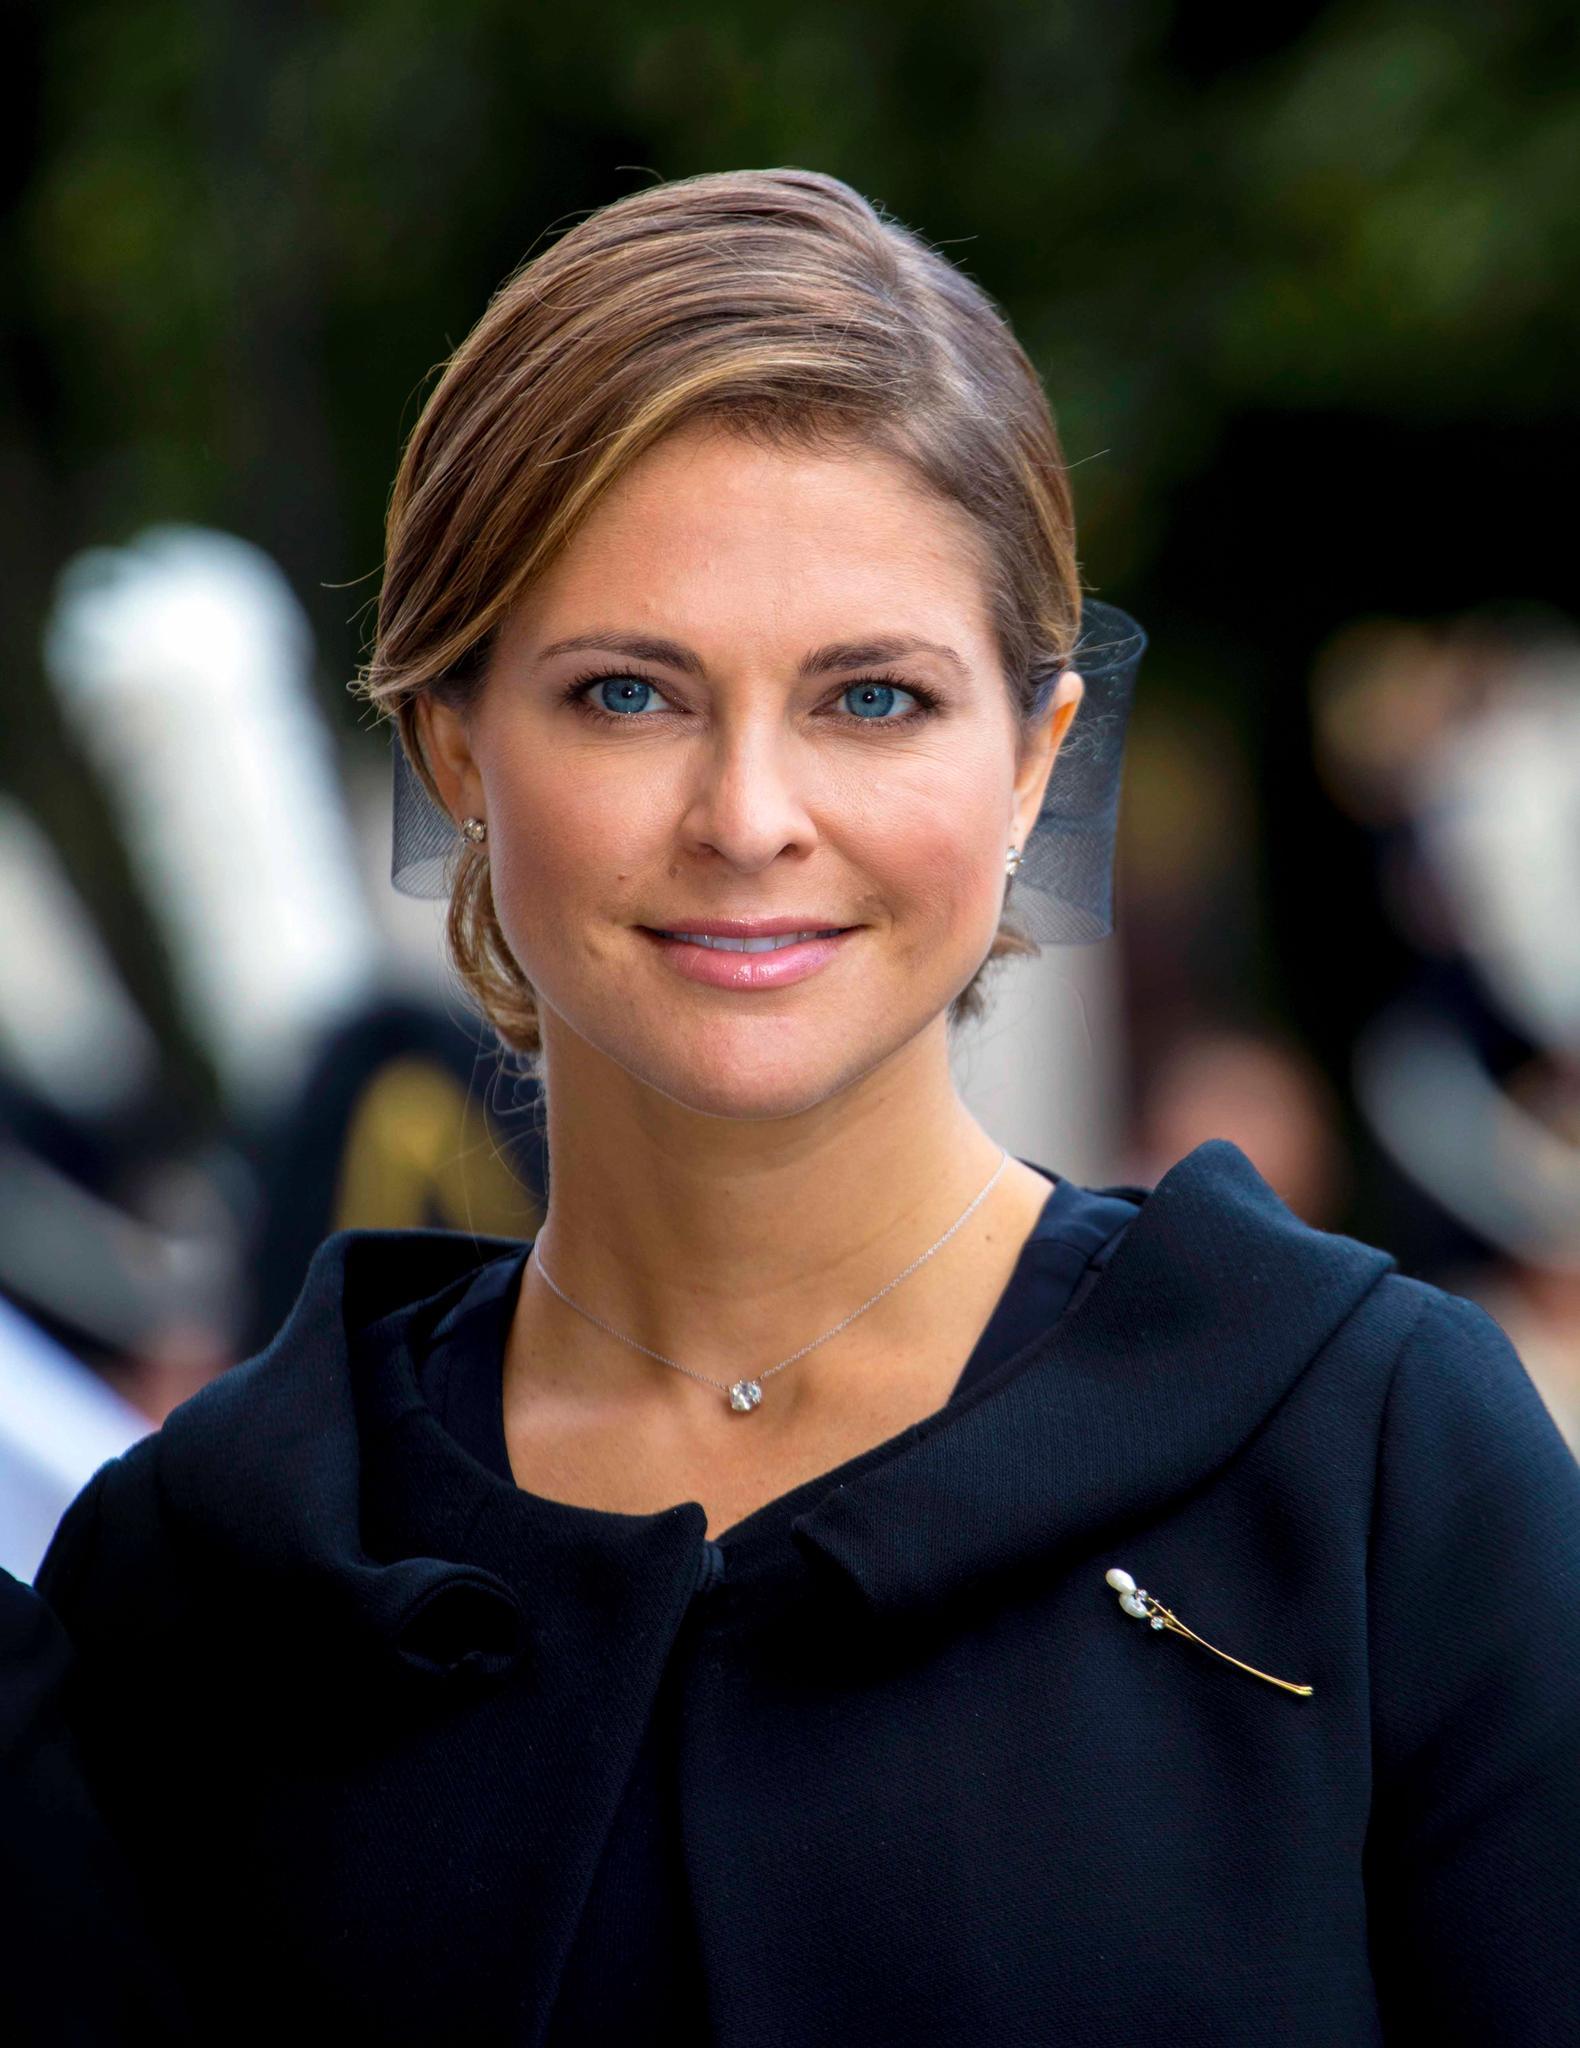 Prinzessin Madeleine: Absage an William und Kate | GALA.de